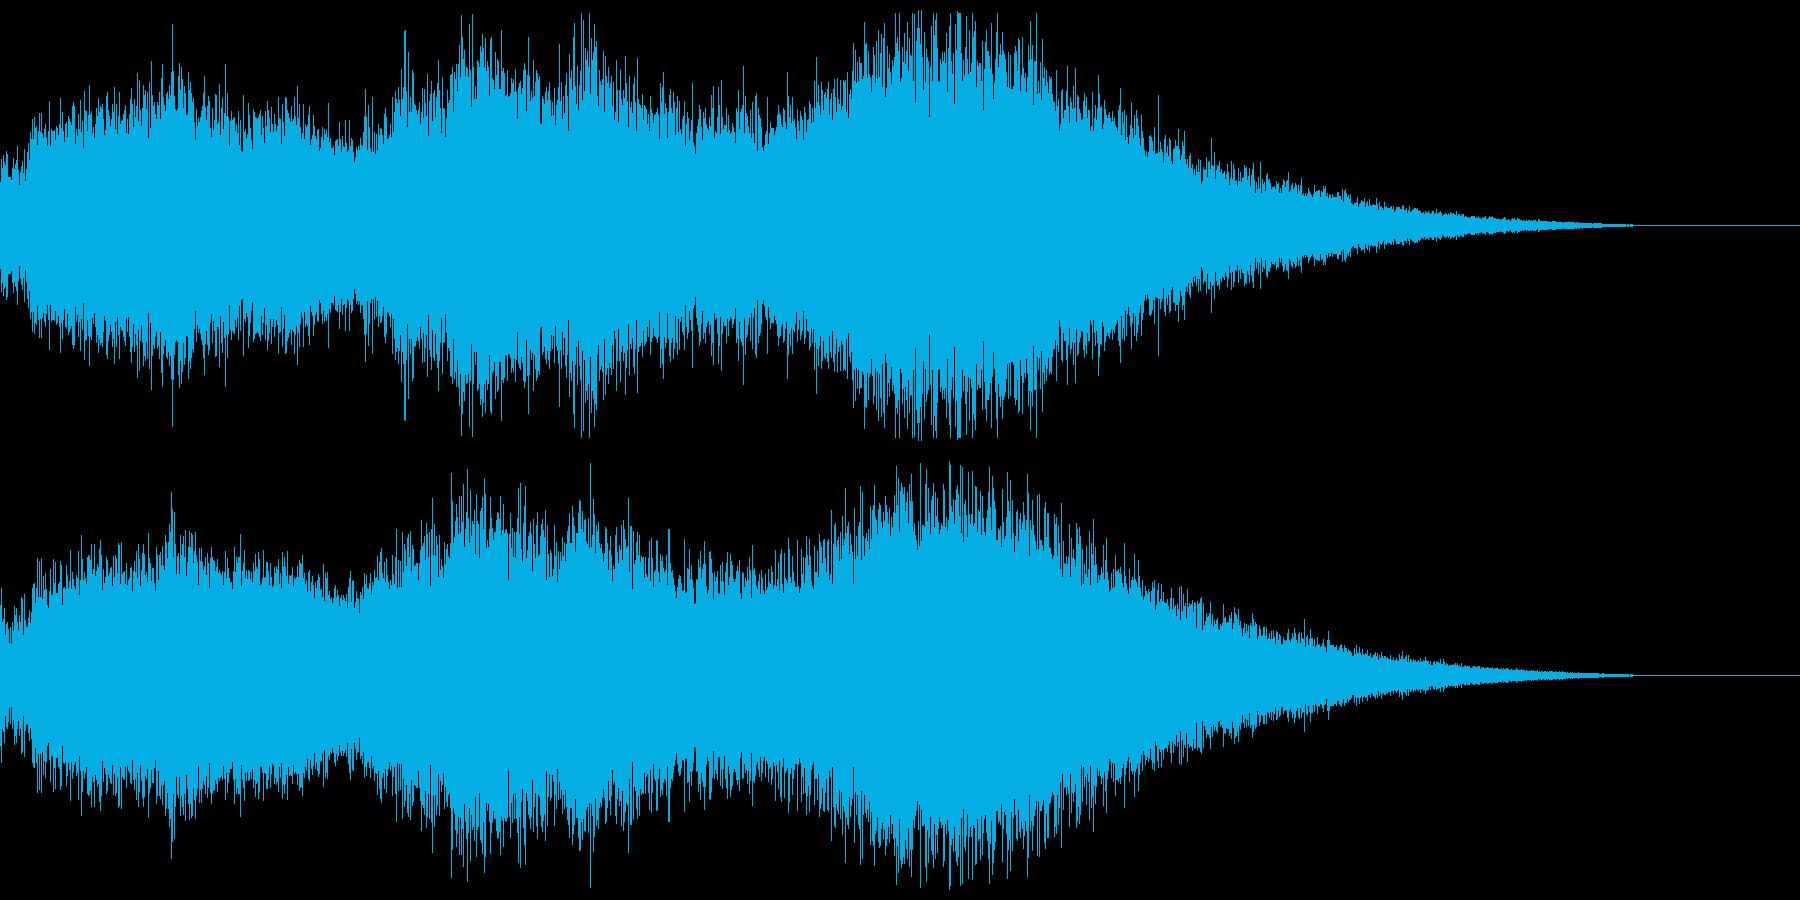 未来の戦争を思わせる効果音の再生済みの波形